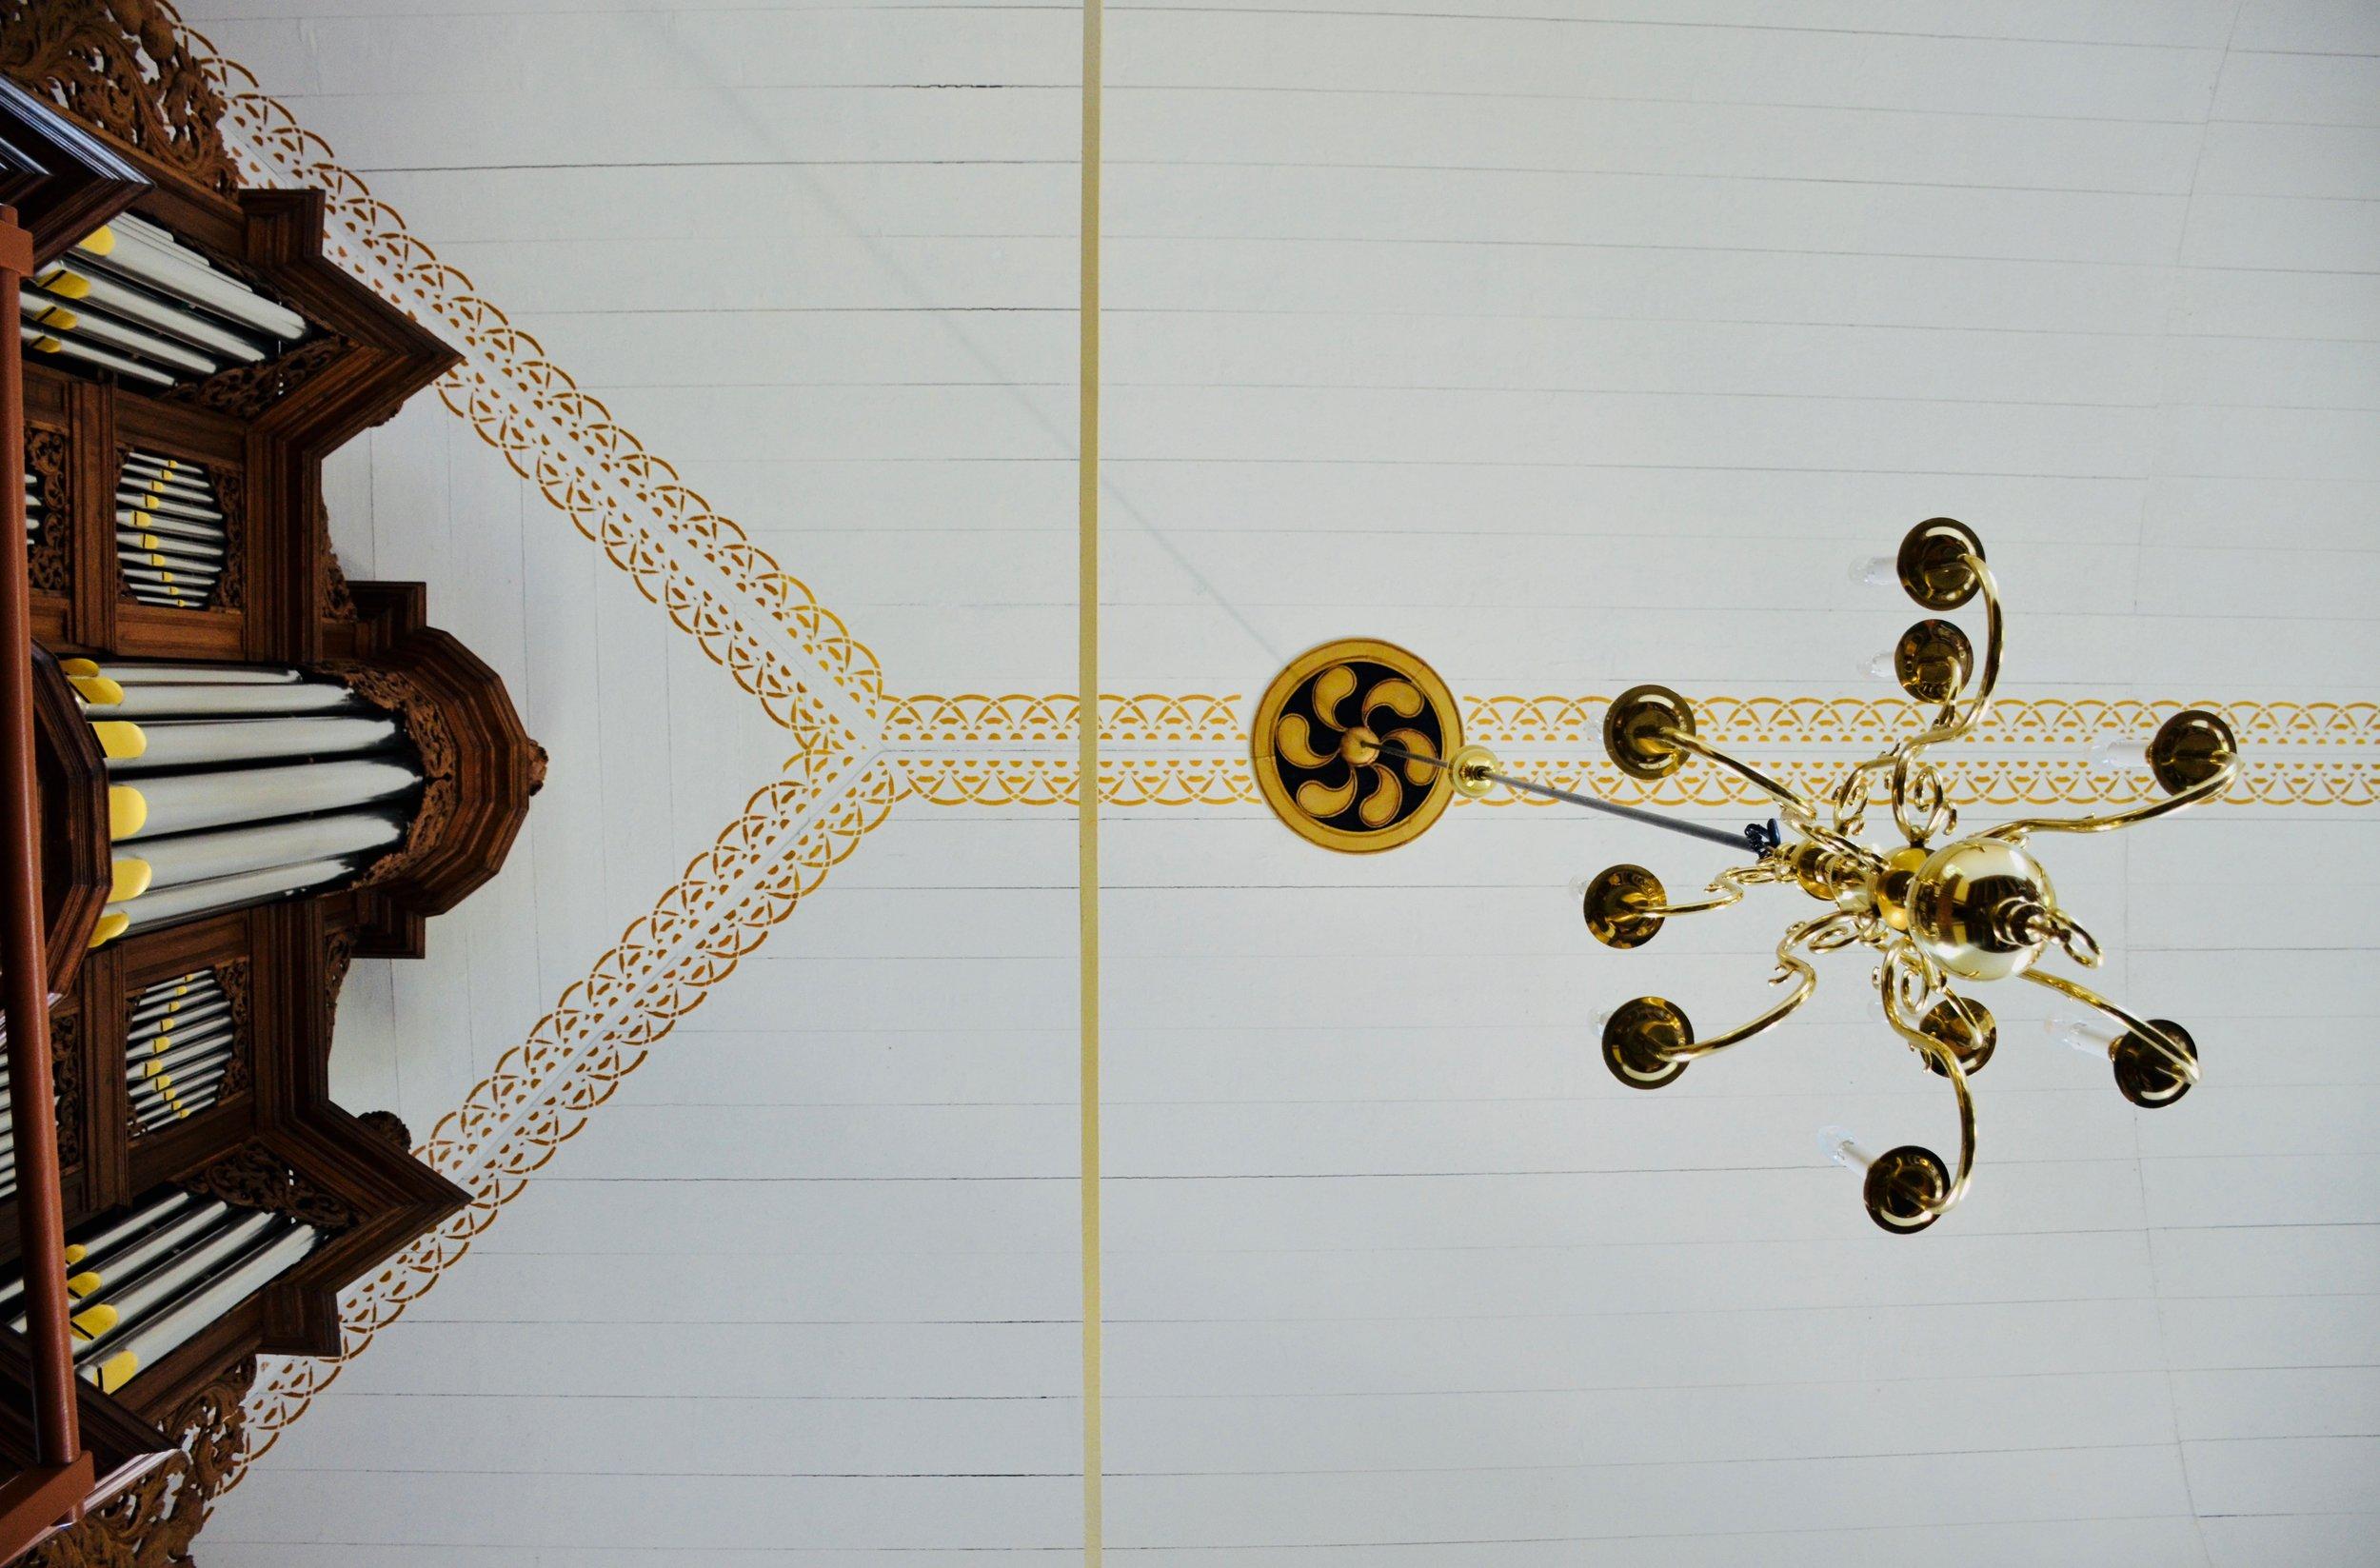 Ceiling detail, Michaëlkerk, Mensingeweer, Holland.